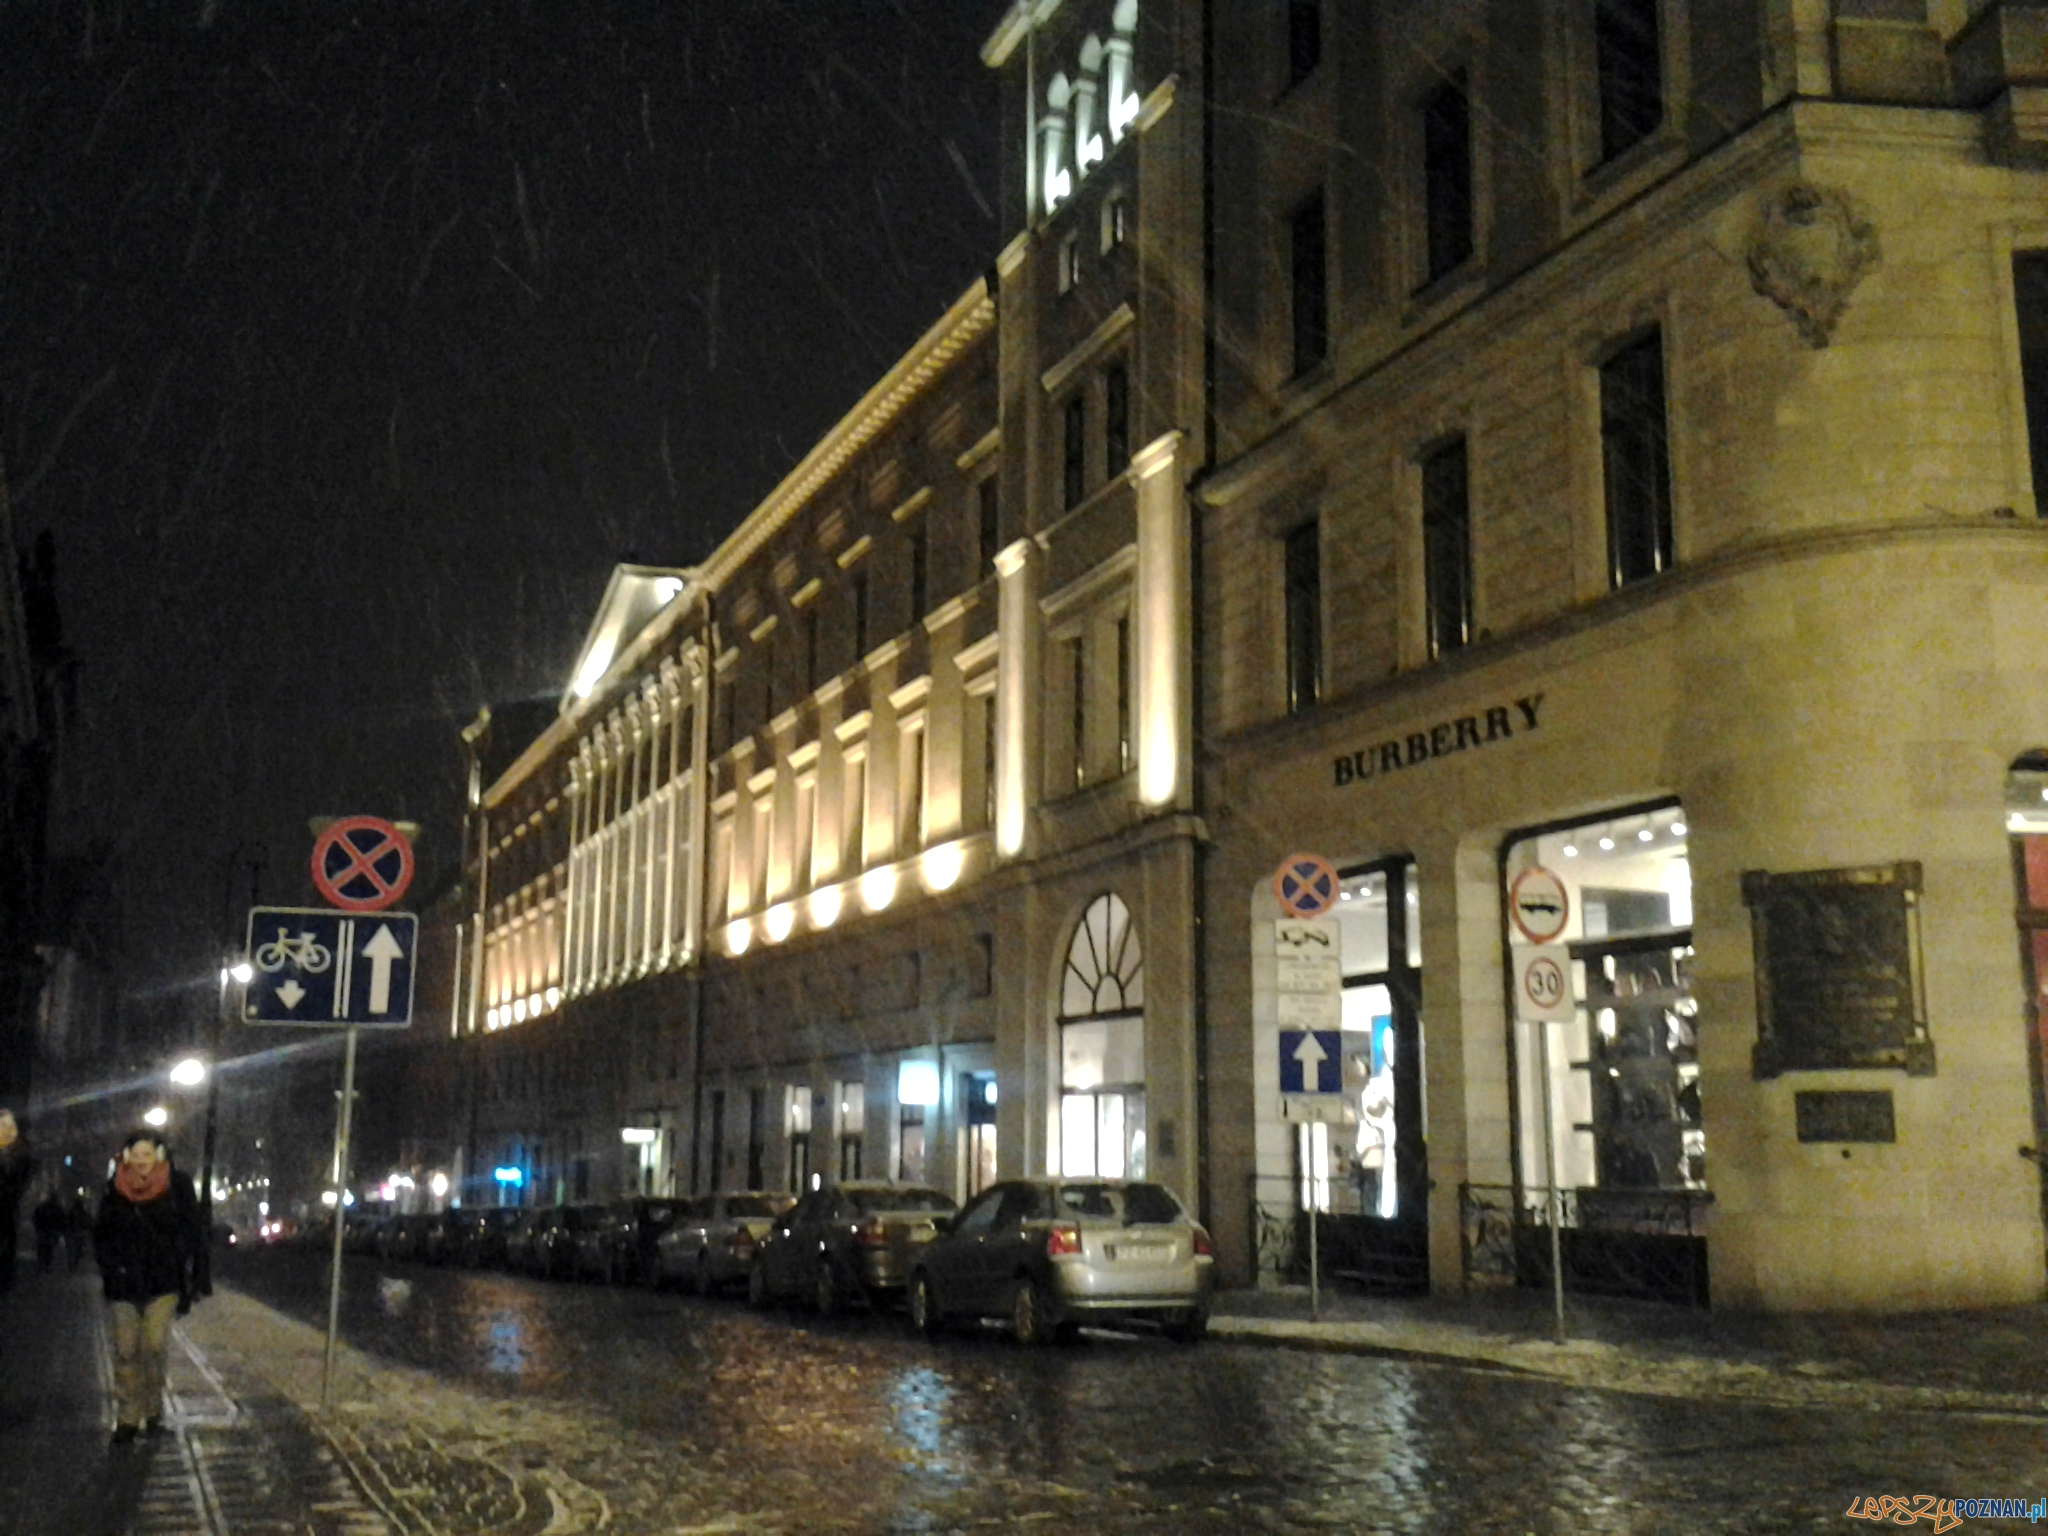 Hotel Bazar  Foto: lepszyPOZNAN.pl / tab 10.1